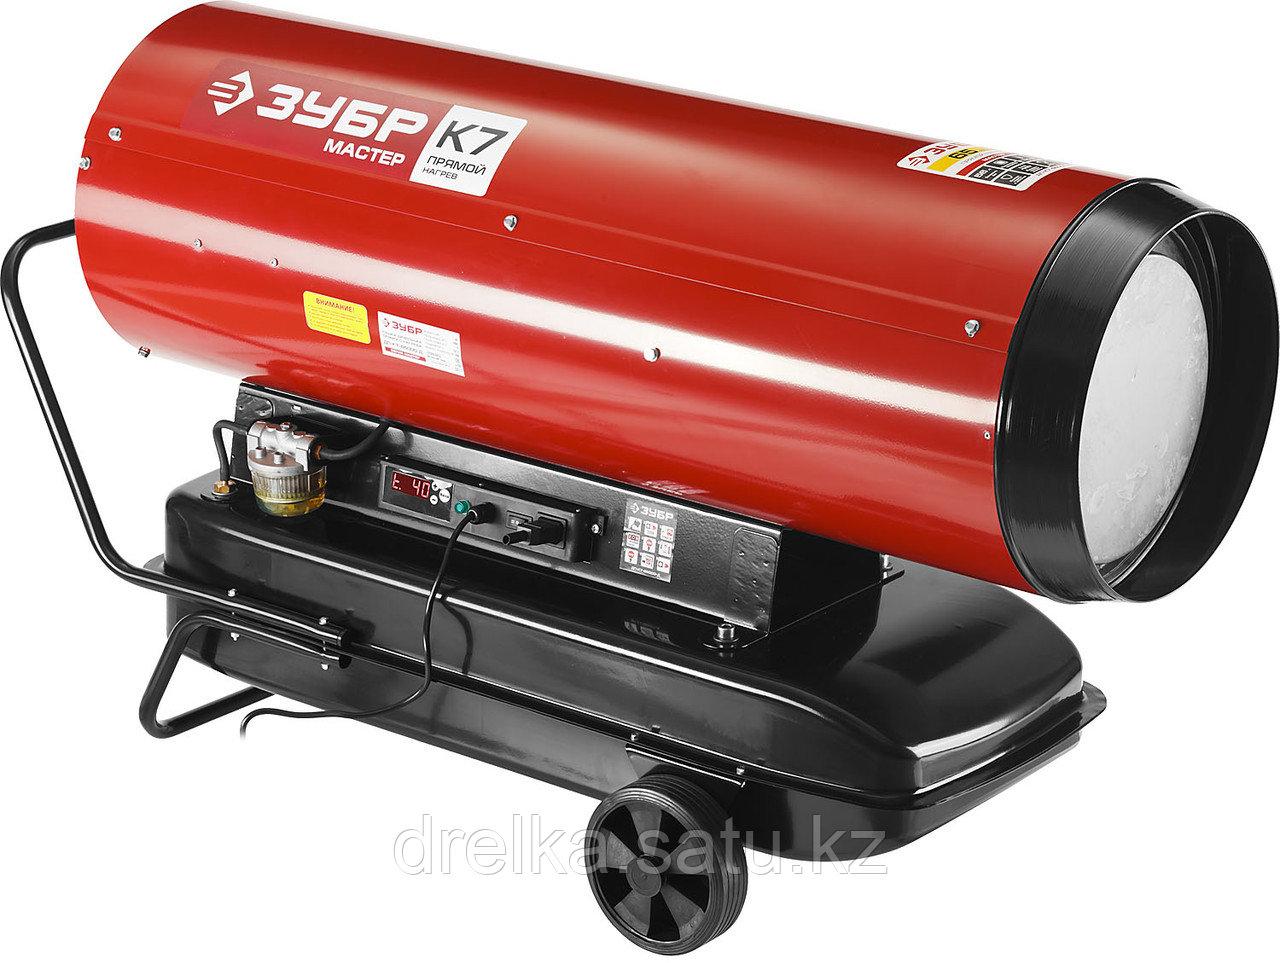 Дизельная тепловая пушка ЗУБР ДП-К7-65000-Д, МАСТЕР, 220 В, 65,0 кВт, 1600 м.кв/час, 55,5 л, 6,0 кг/ч, дисплей